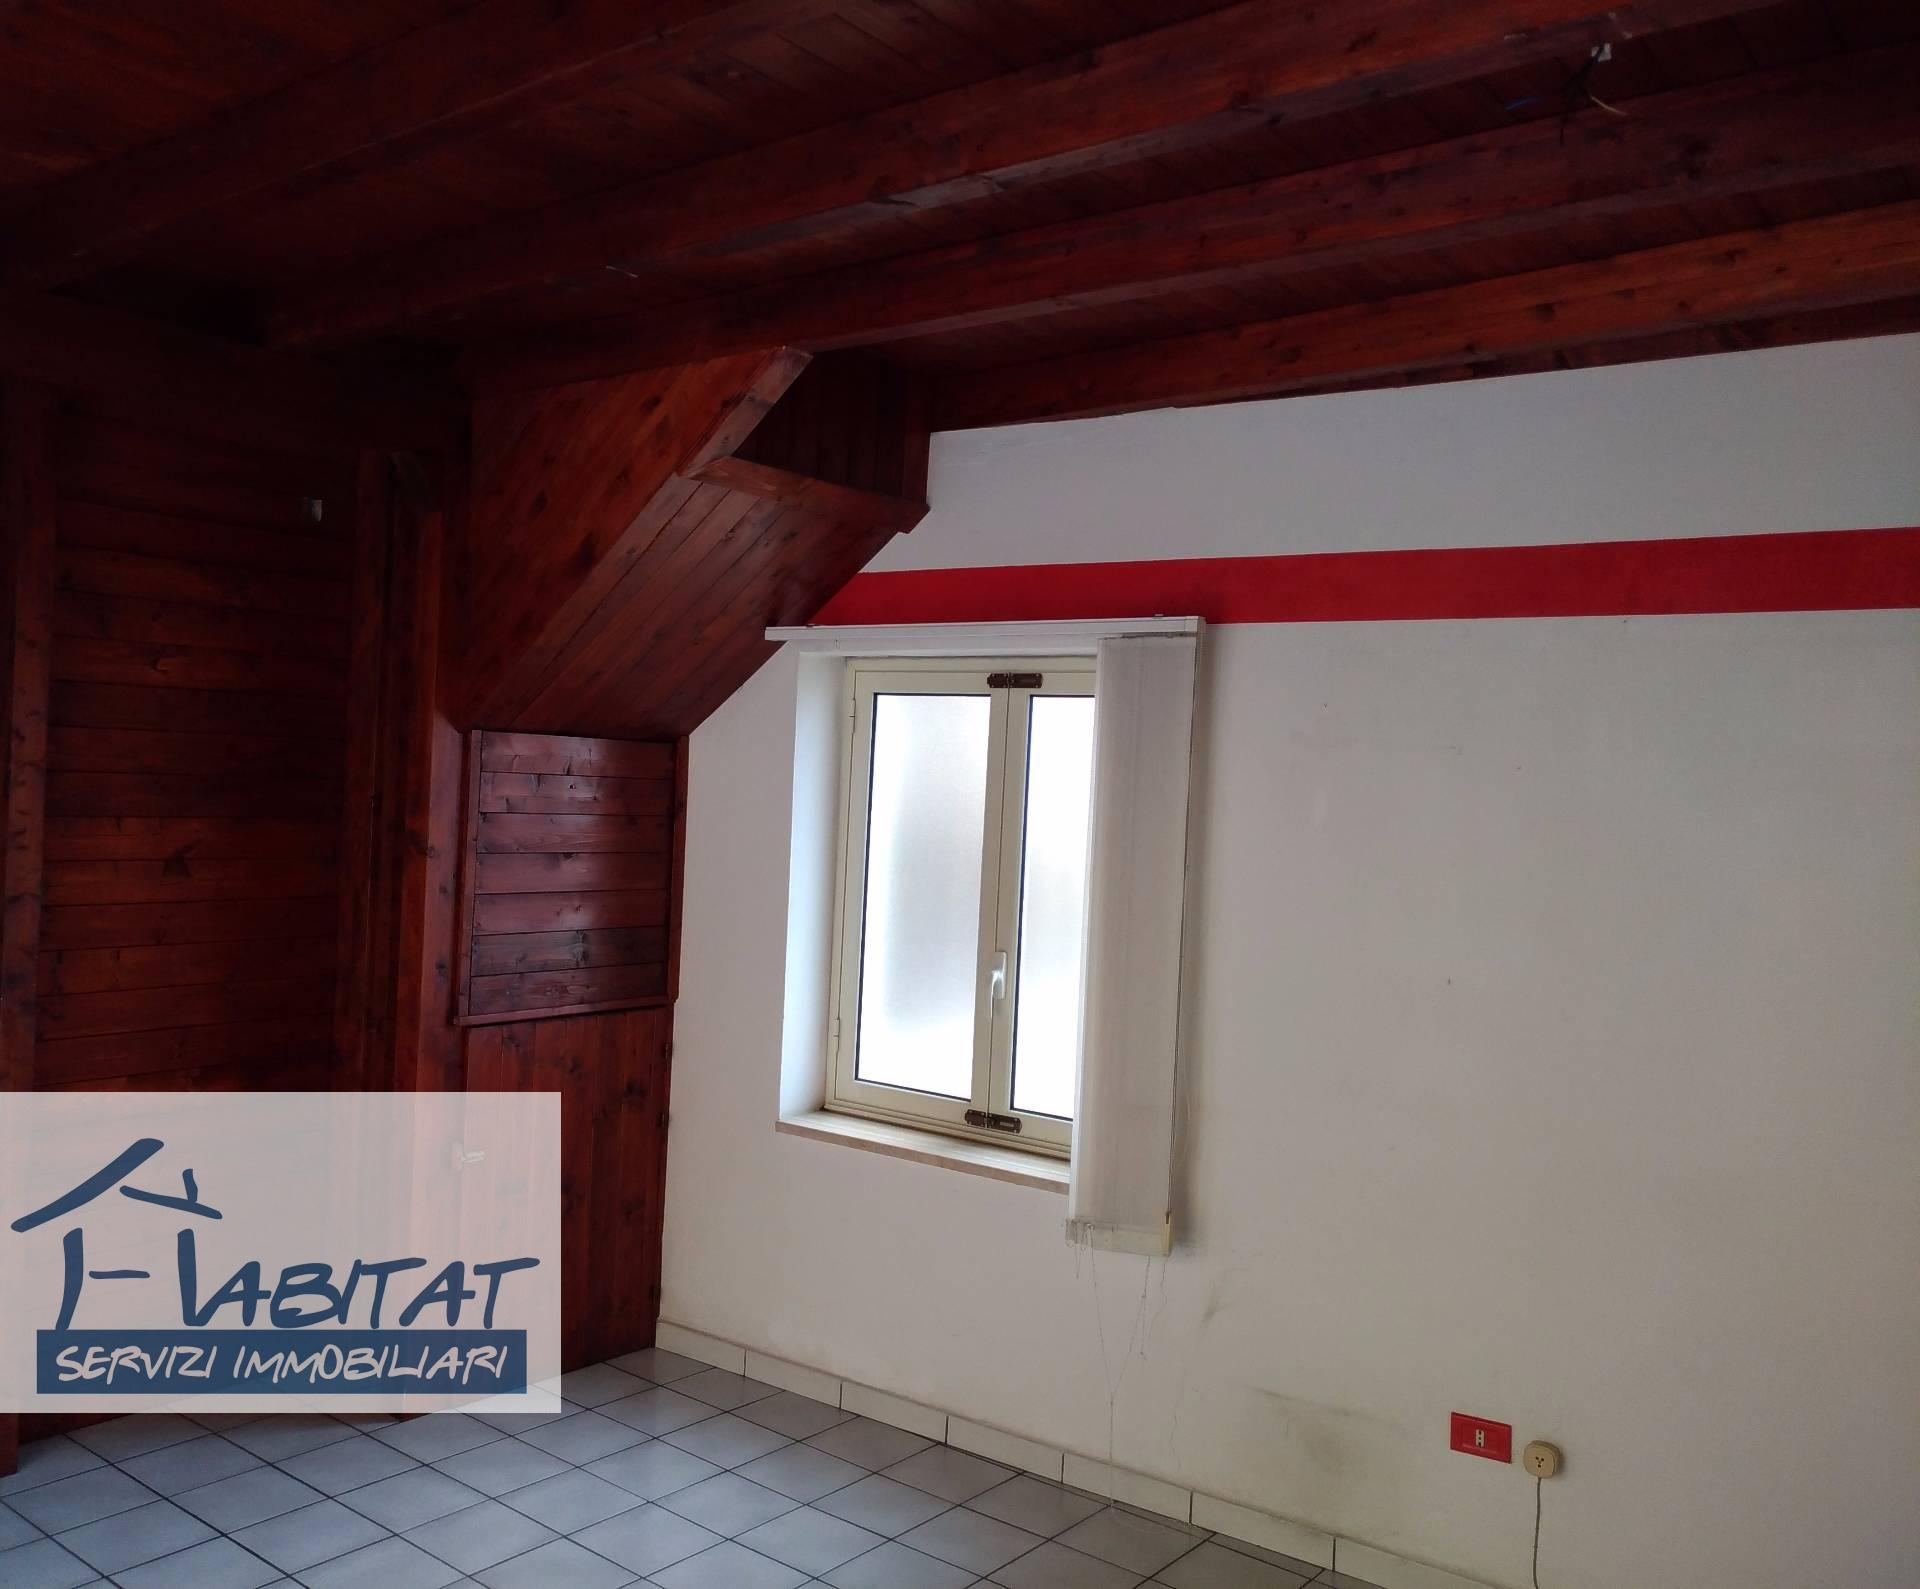 Ufficio / Studio in affitto a Agrigento, 9999 locali, zona Zona: Centro, prezzo € 400 | CambioCasa.it